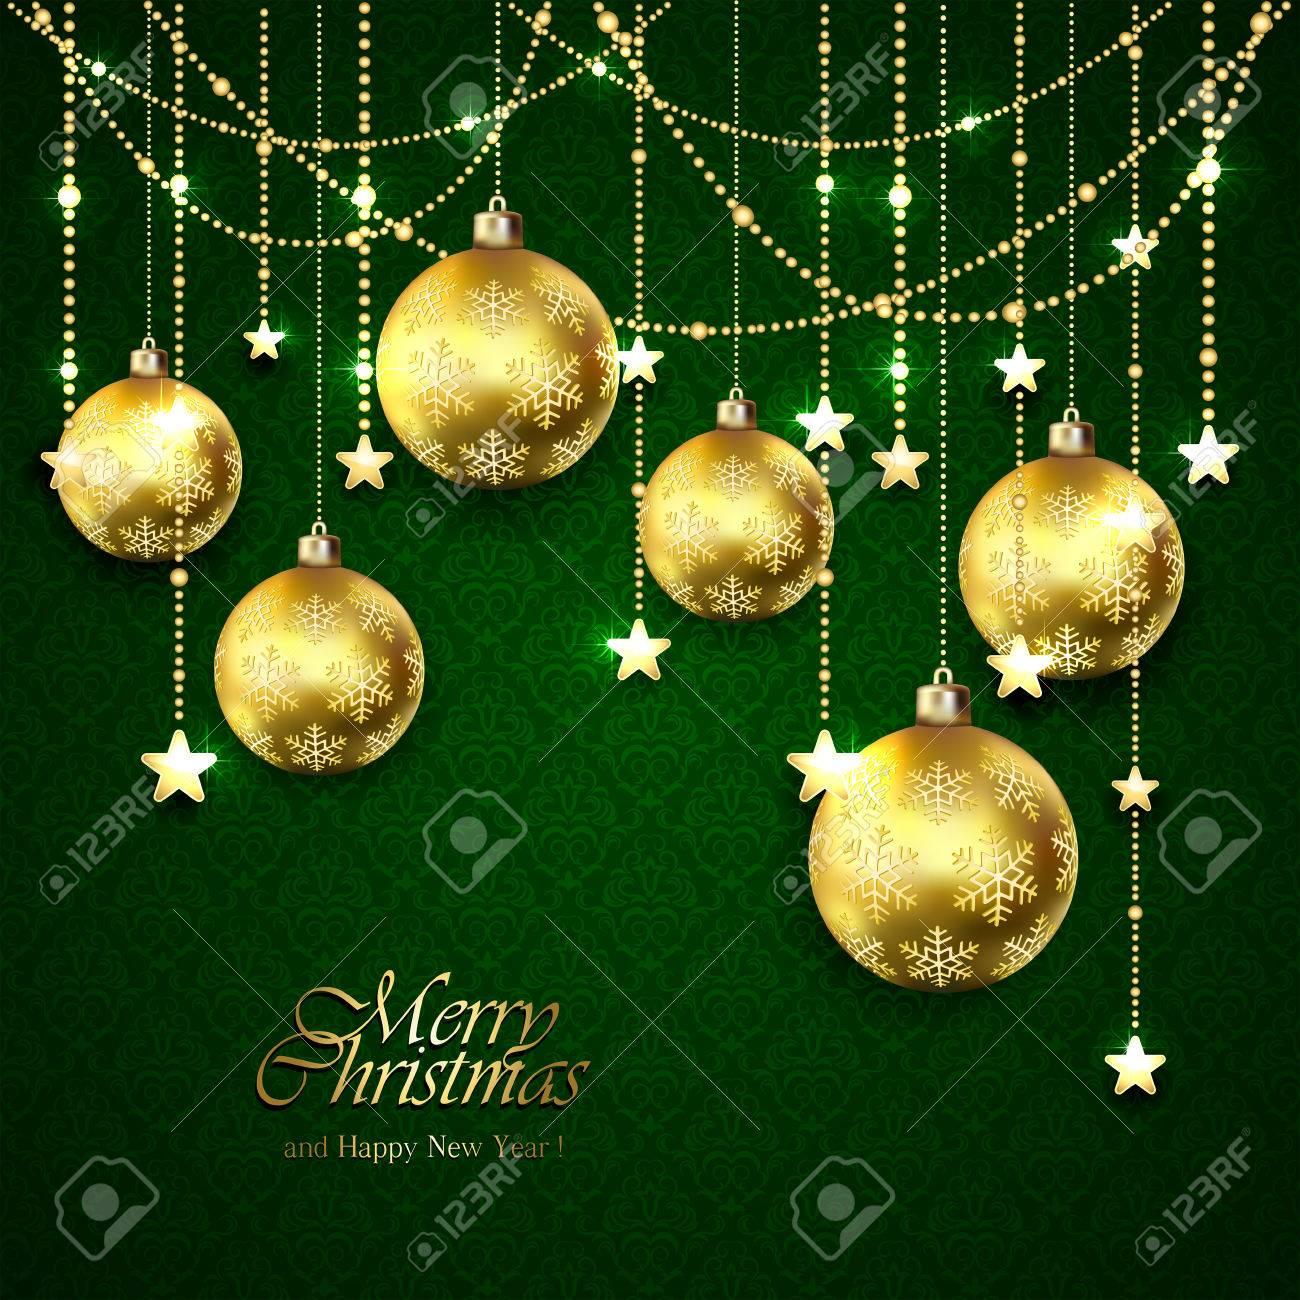 クリスマスの背景にゴールデン ボールシームレスな壁紙イラスト上の